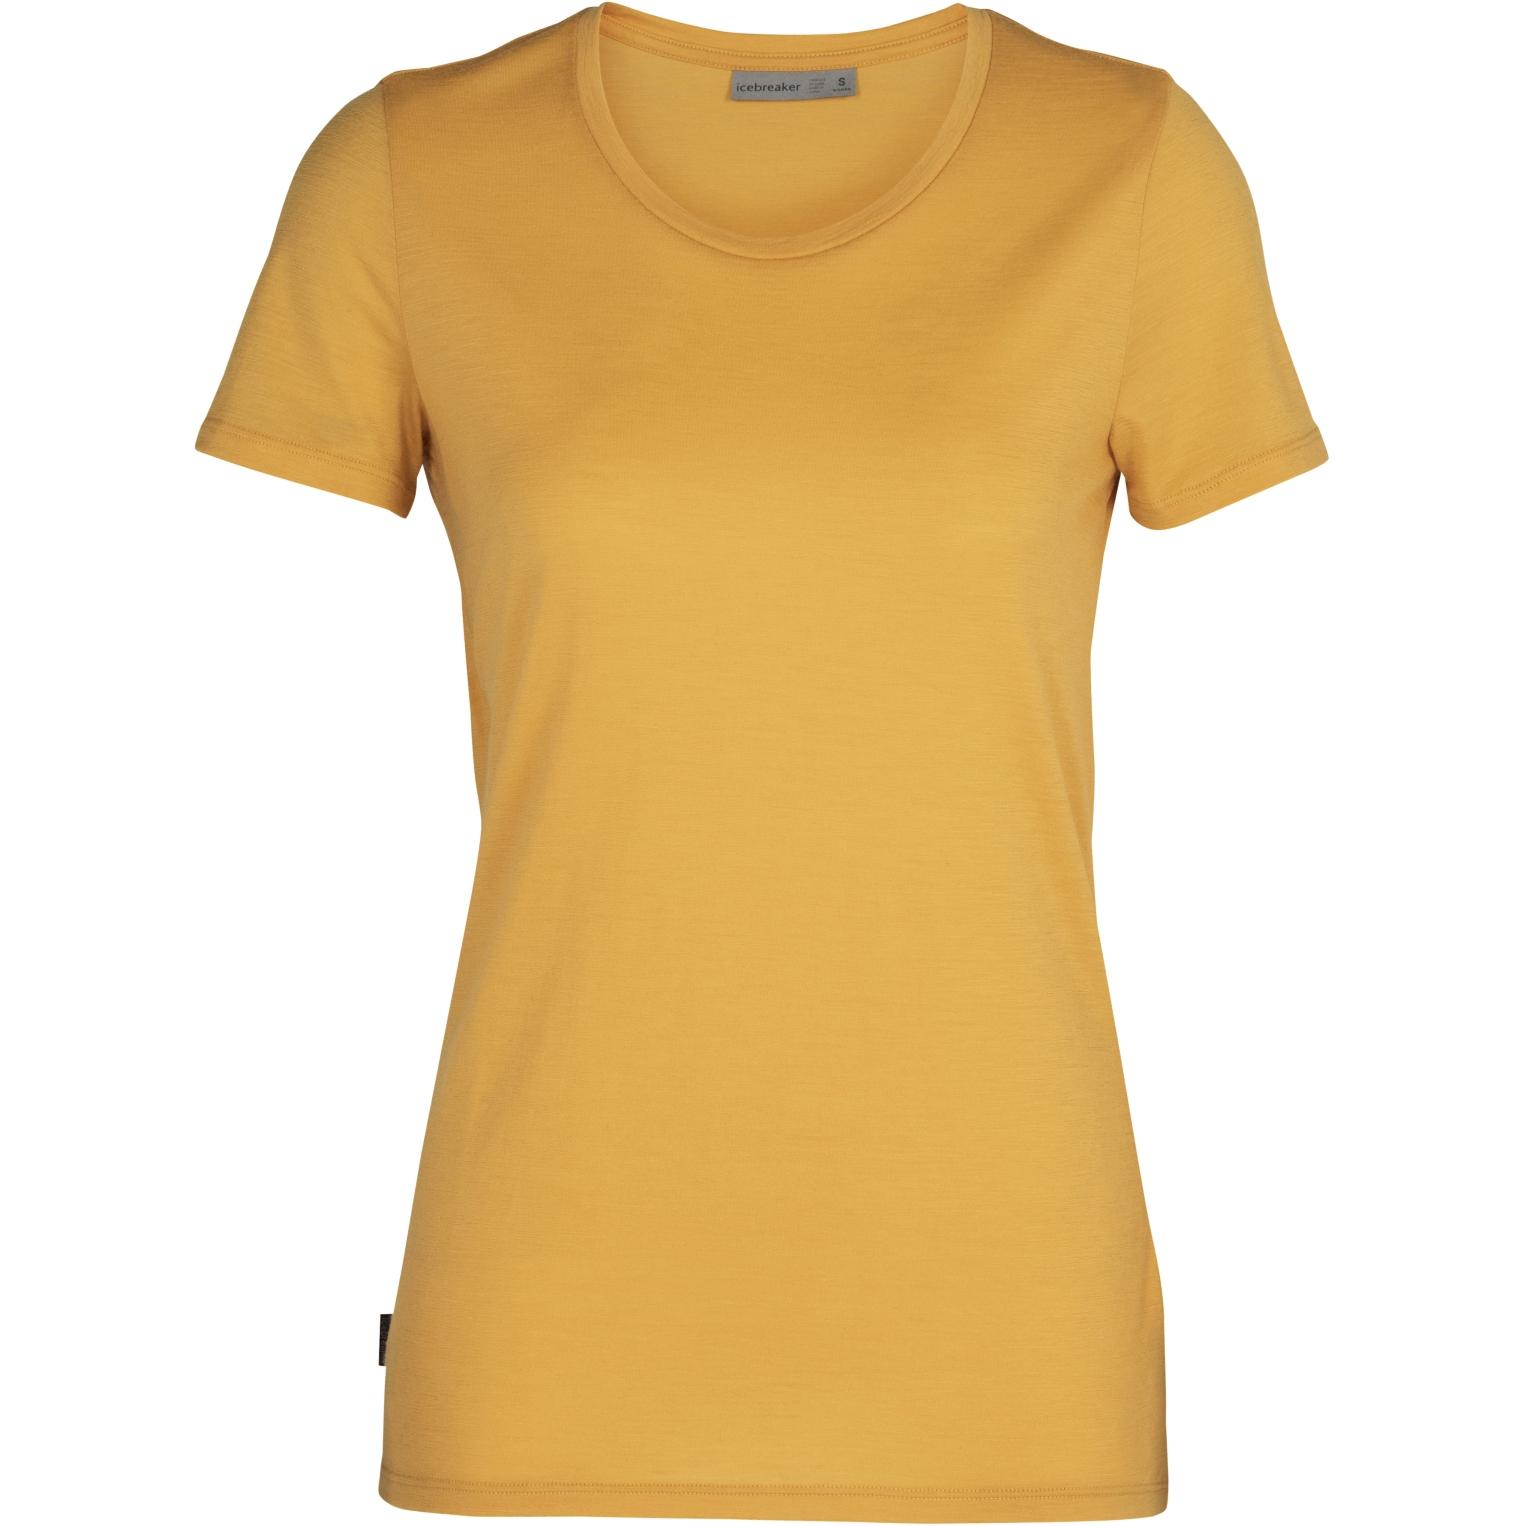 Produktbild von Icebreaker Tech Lite Low Crewe Damen T-Shirt - Safflower